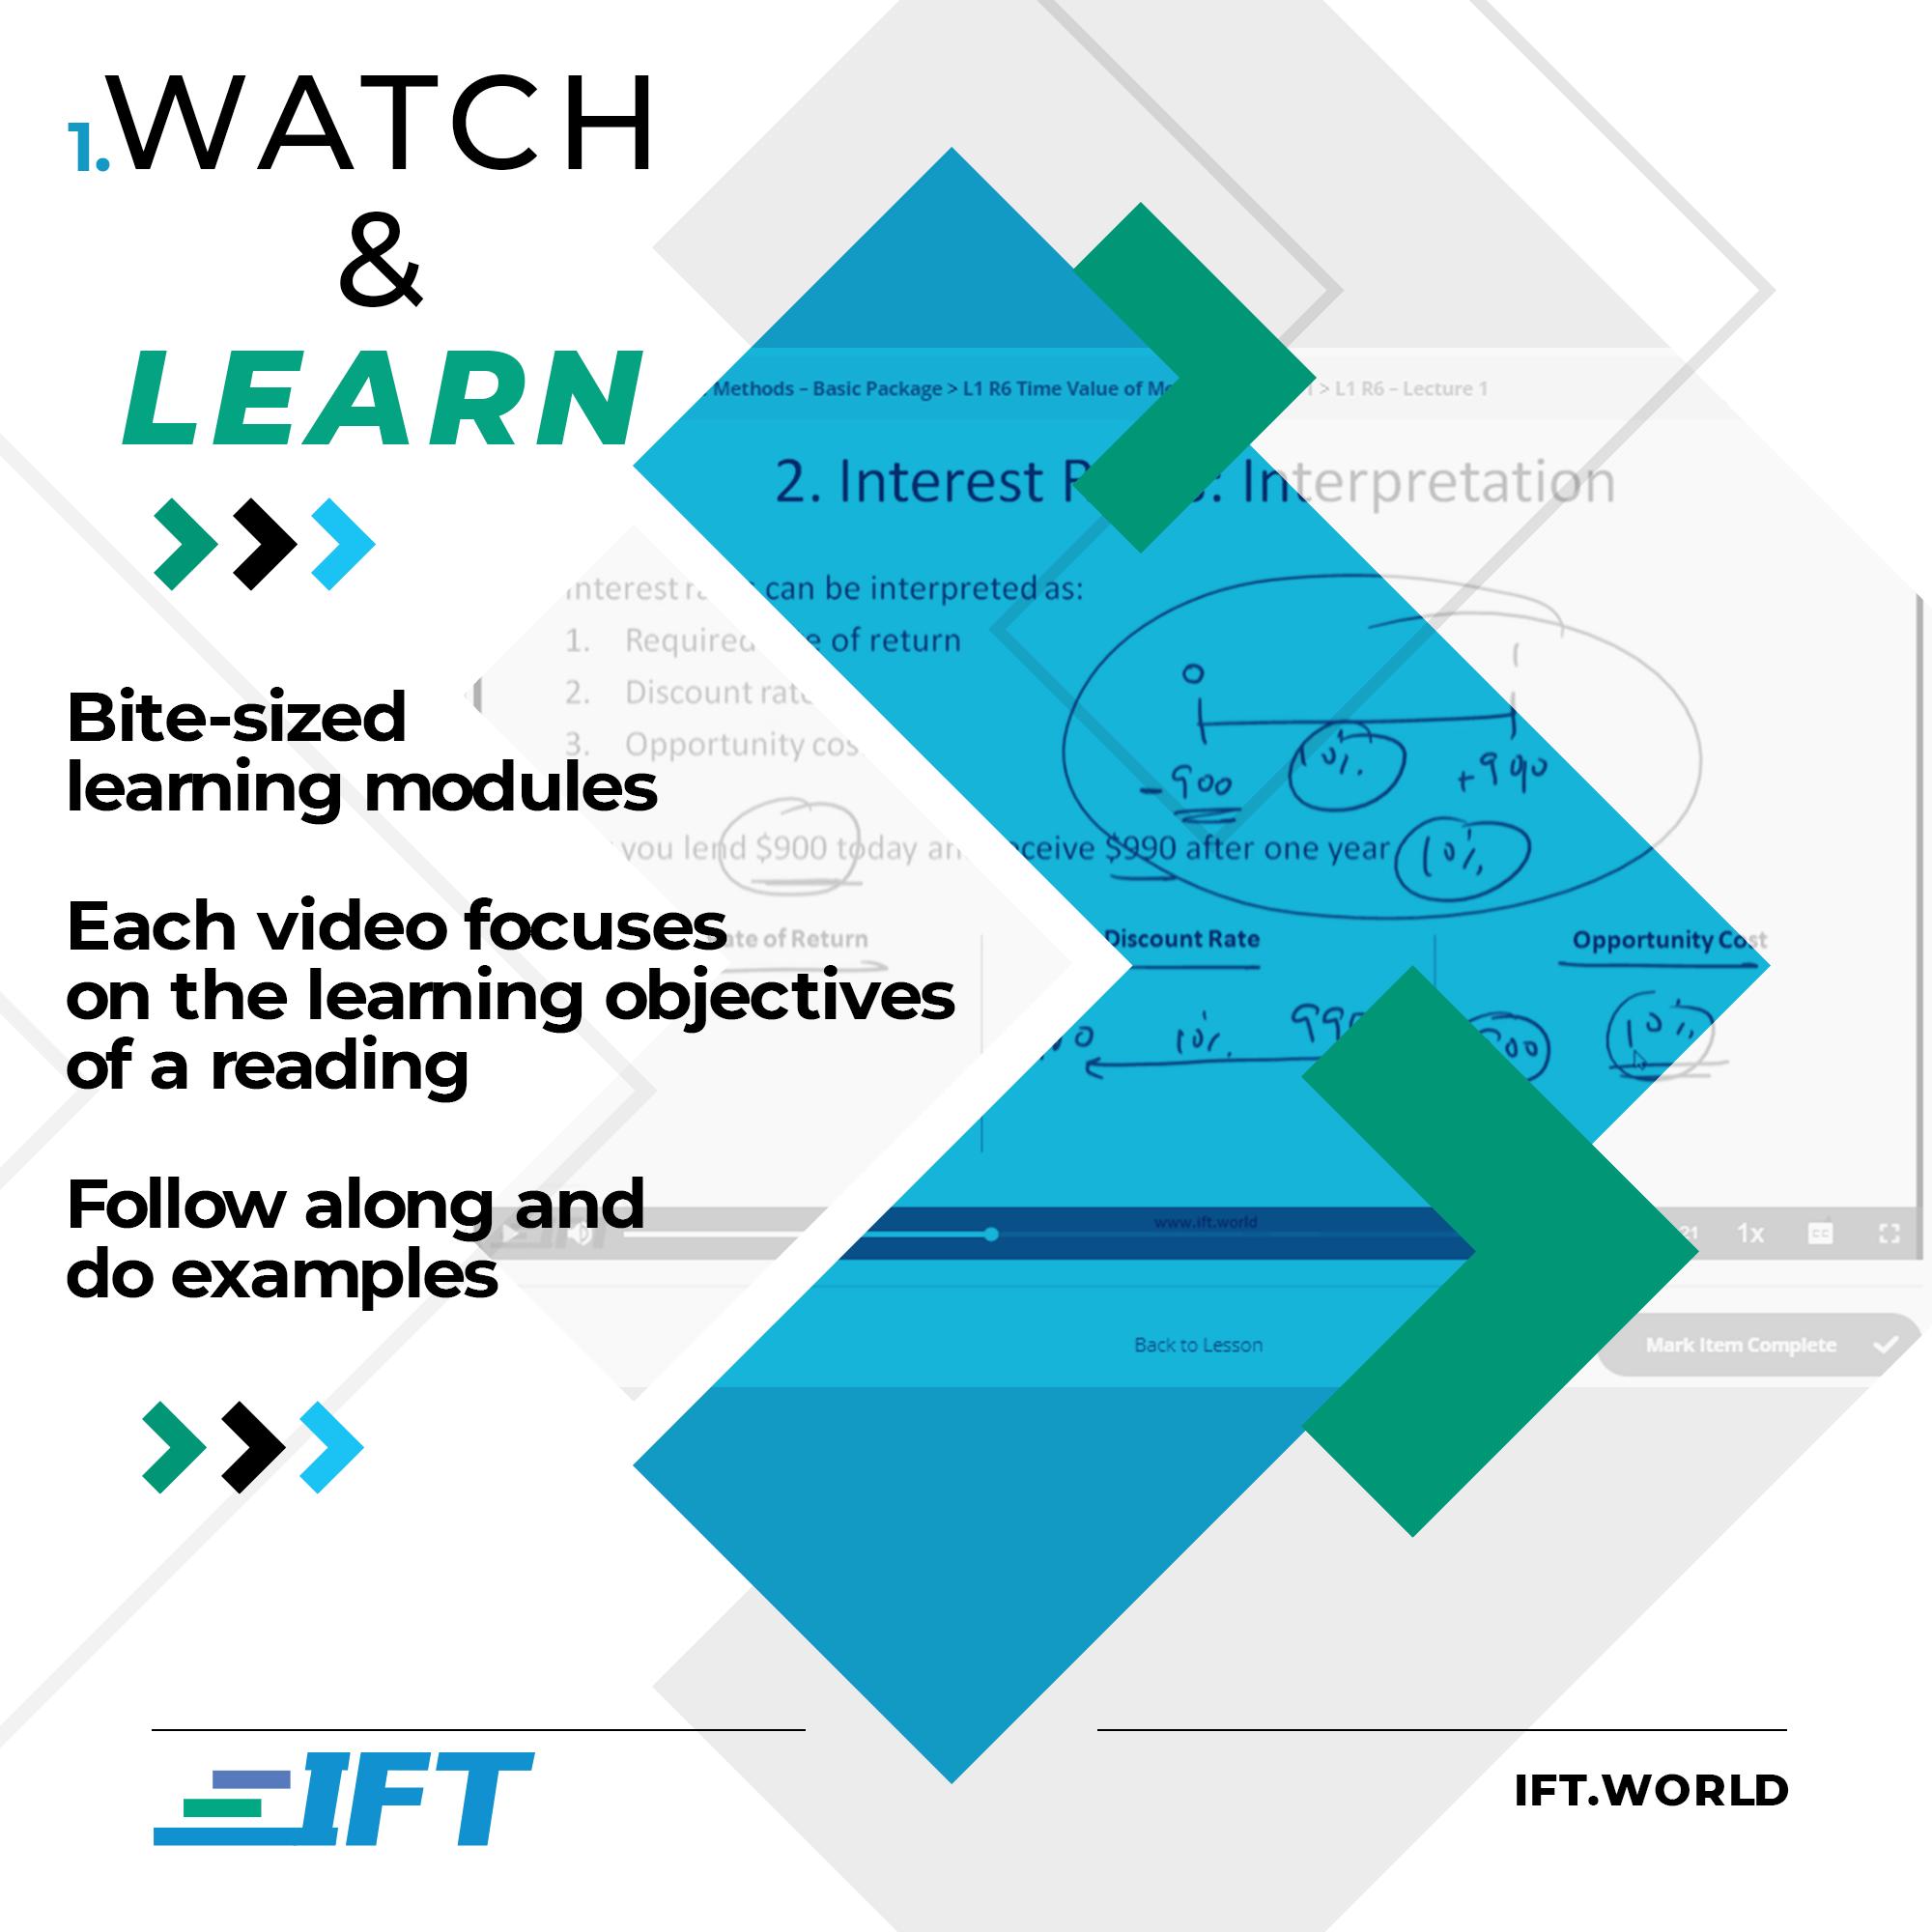 1.Watch & Learn